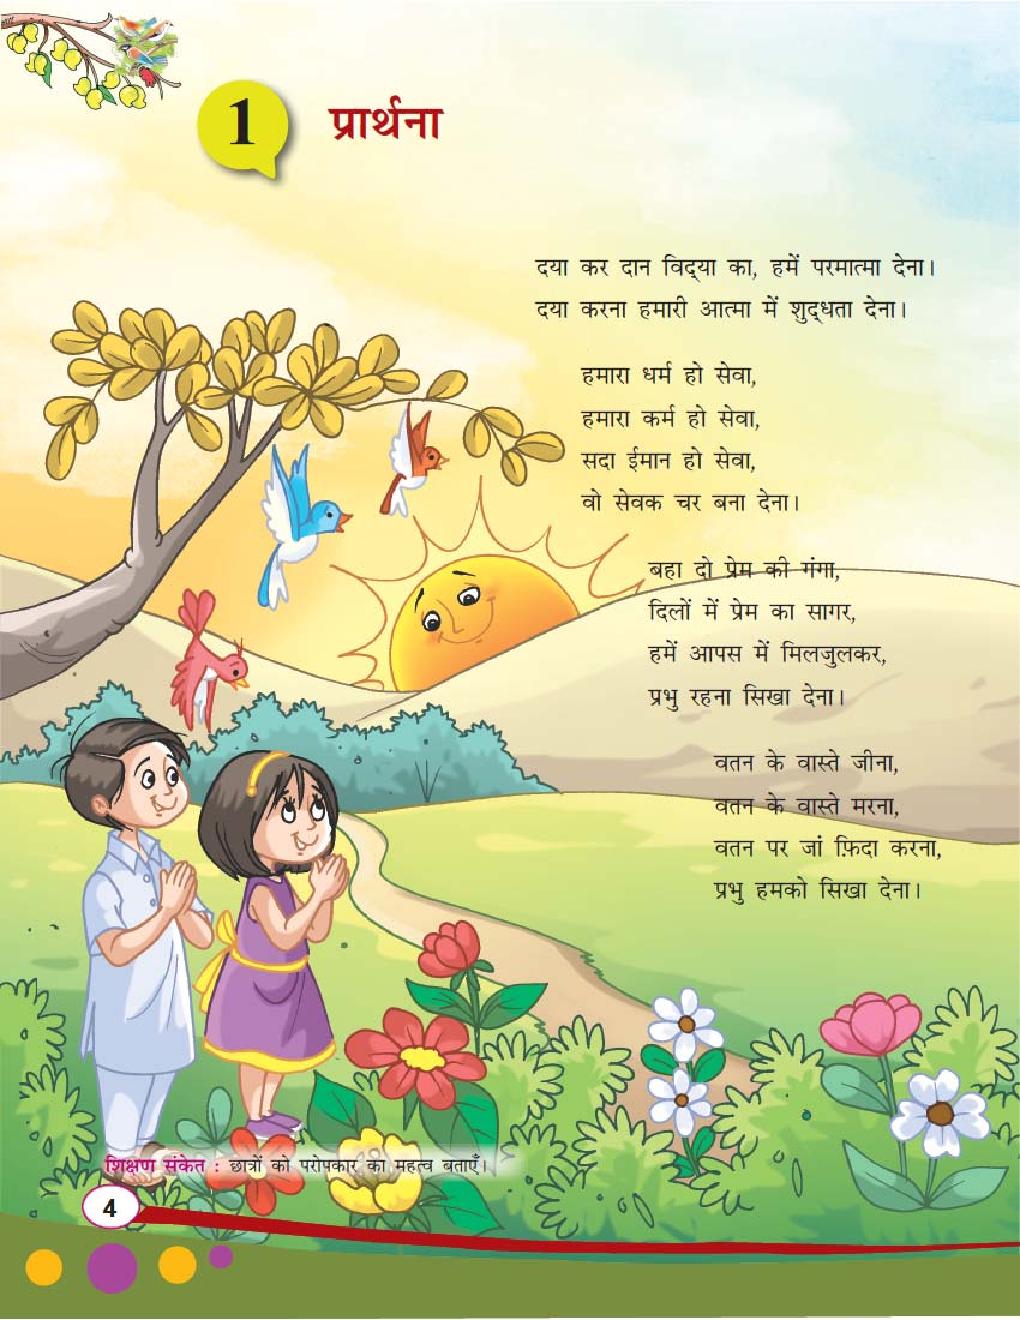 मधु मुखर हिंदी पाठमाला - 7 - Page 5